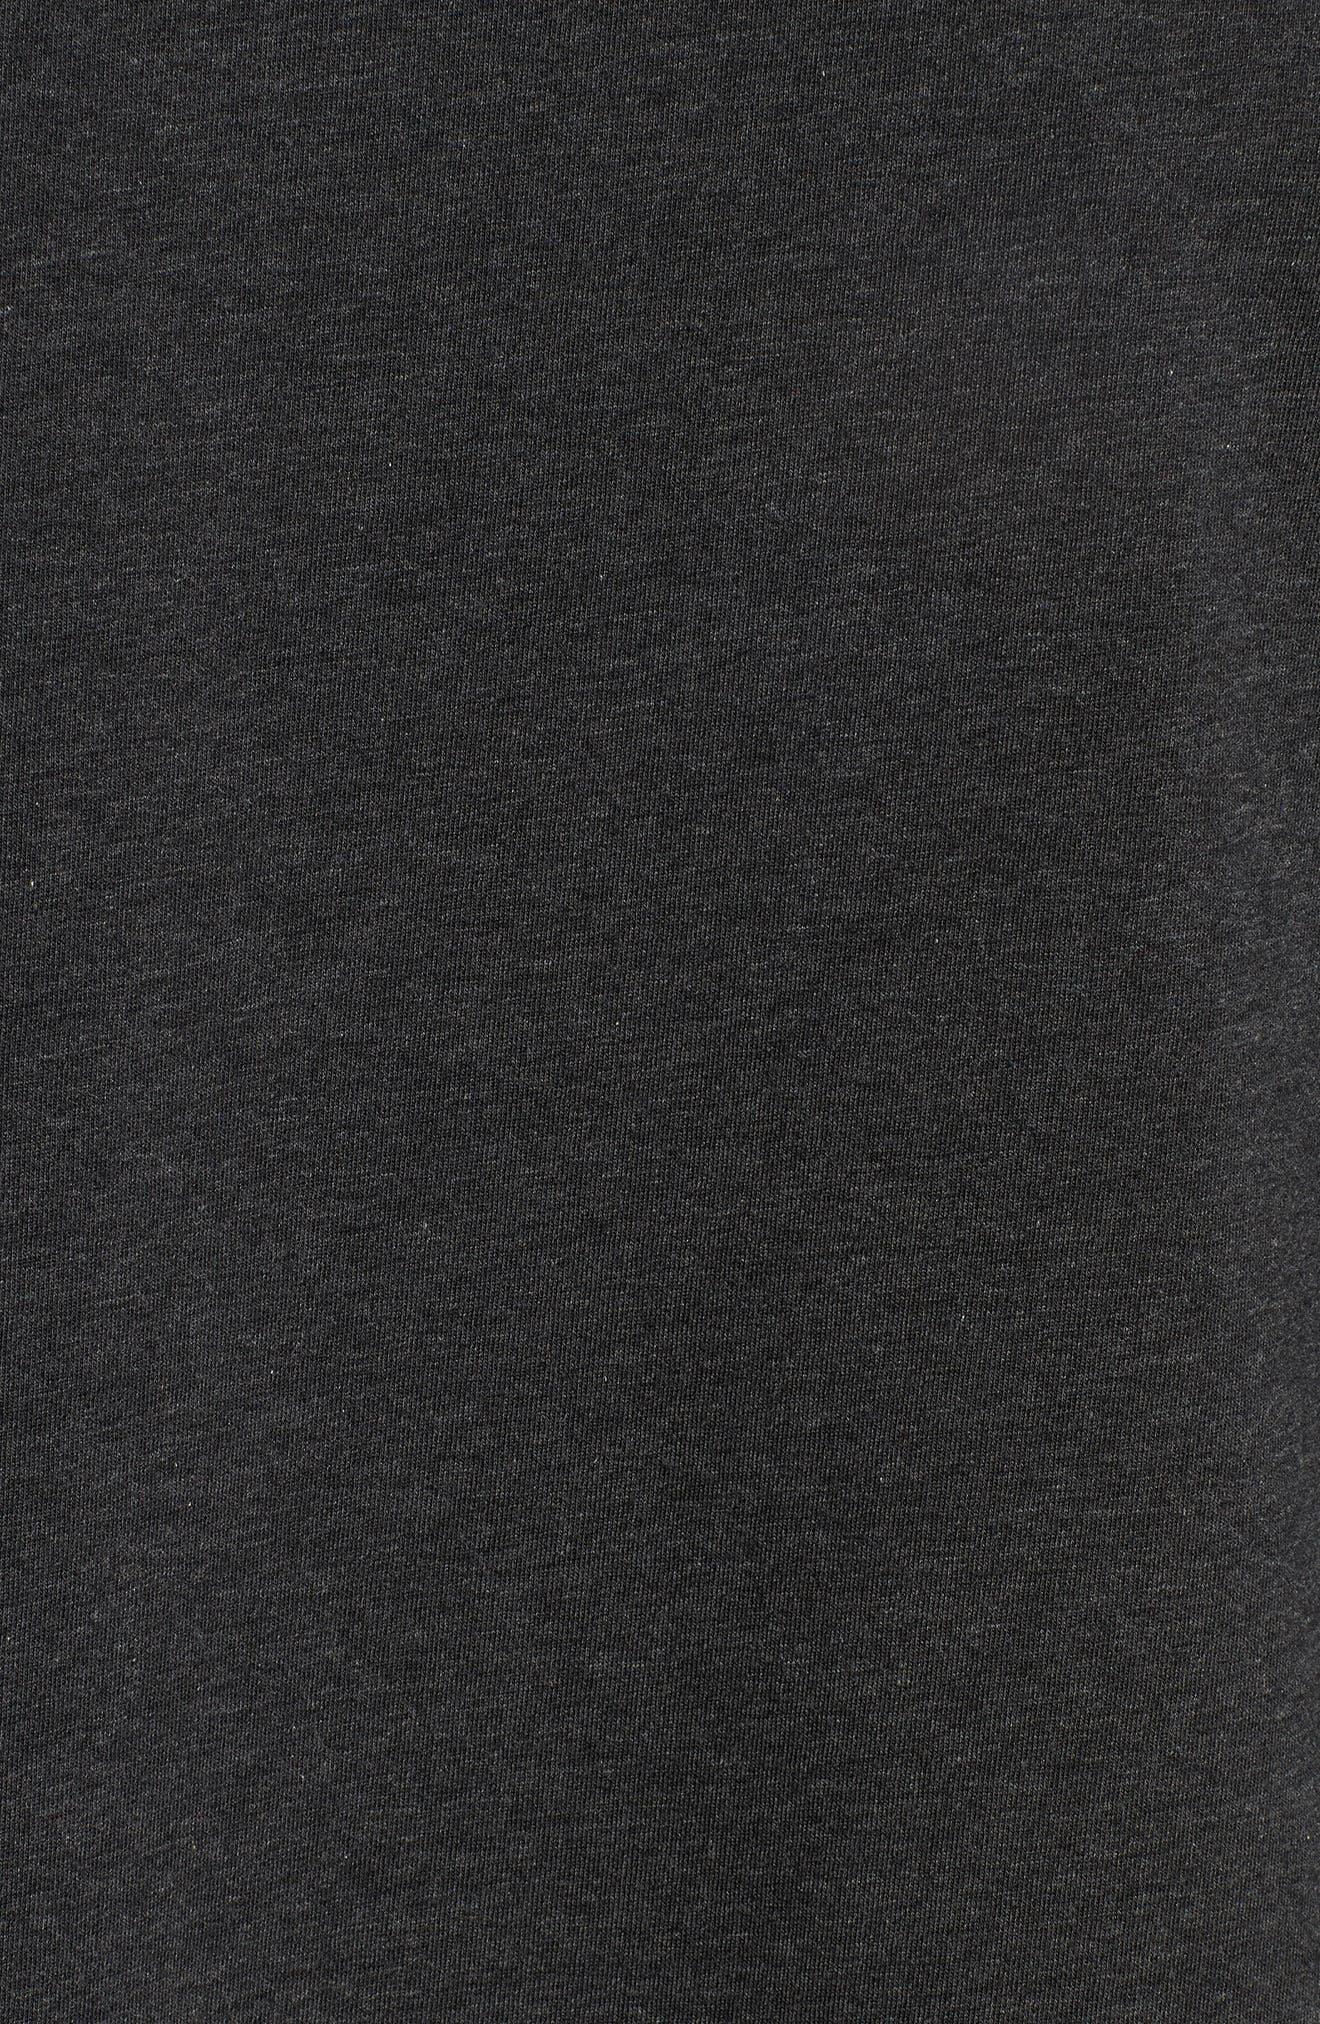 Cotton Blend Crewneck T-Shirt,                             Alternate thumbnail 5, color,                             HEATHER CHARCOAL